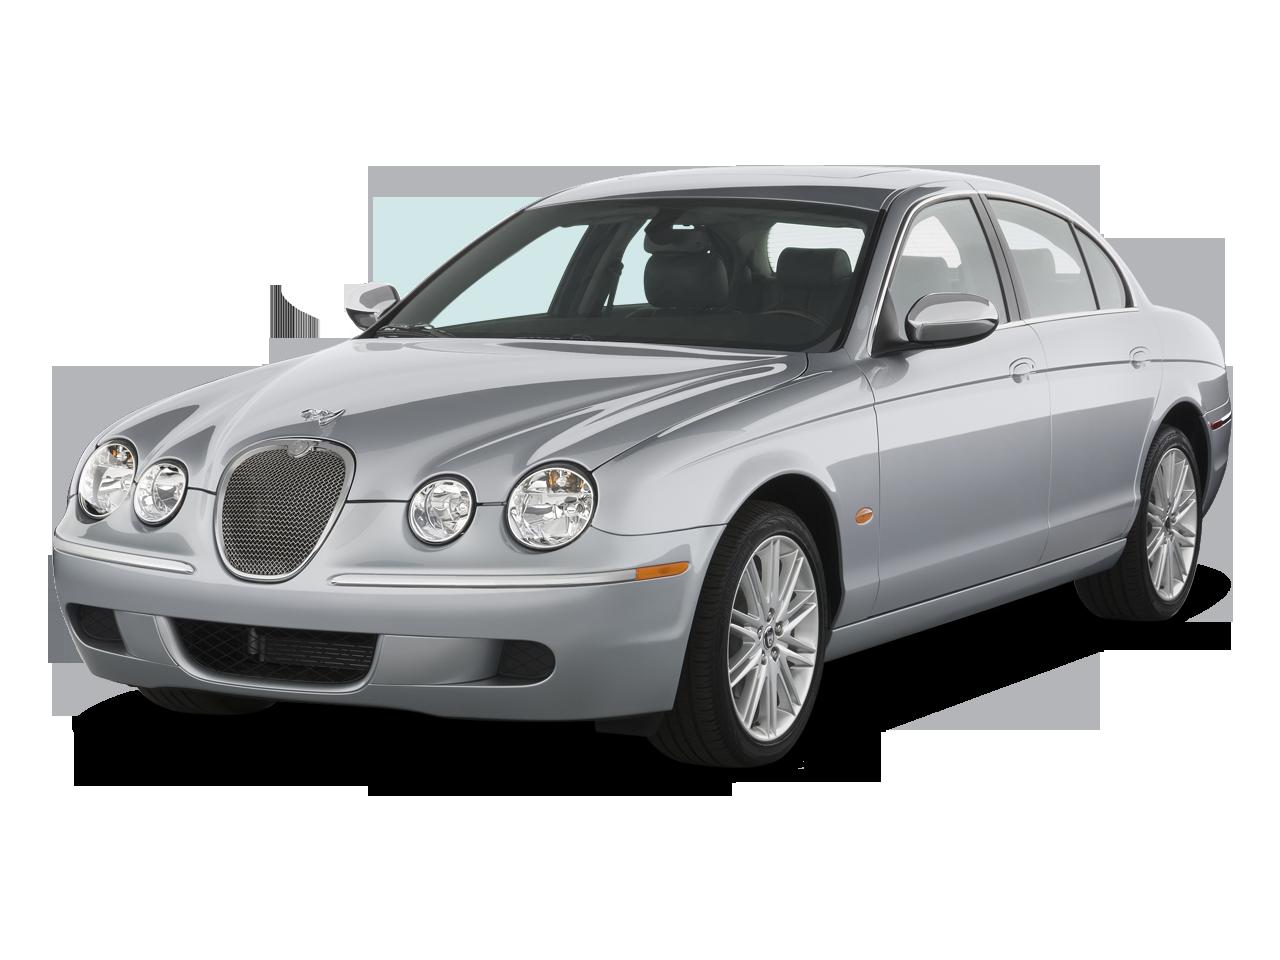 2008 Jaguar S-type - 2008 & 2009 Future Cars Sneak Preview ...